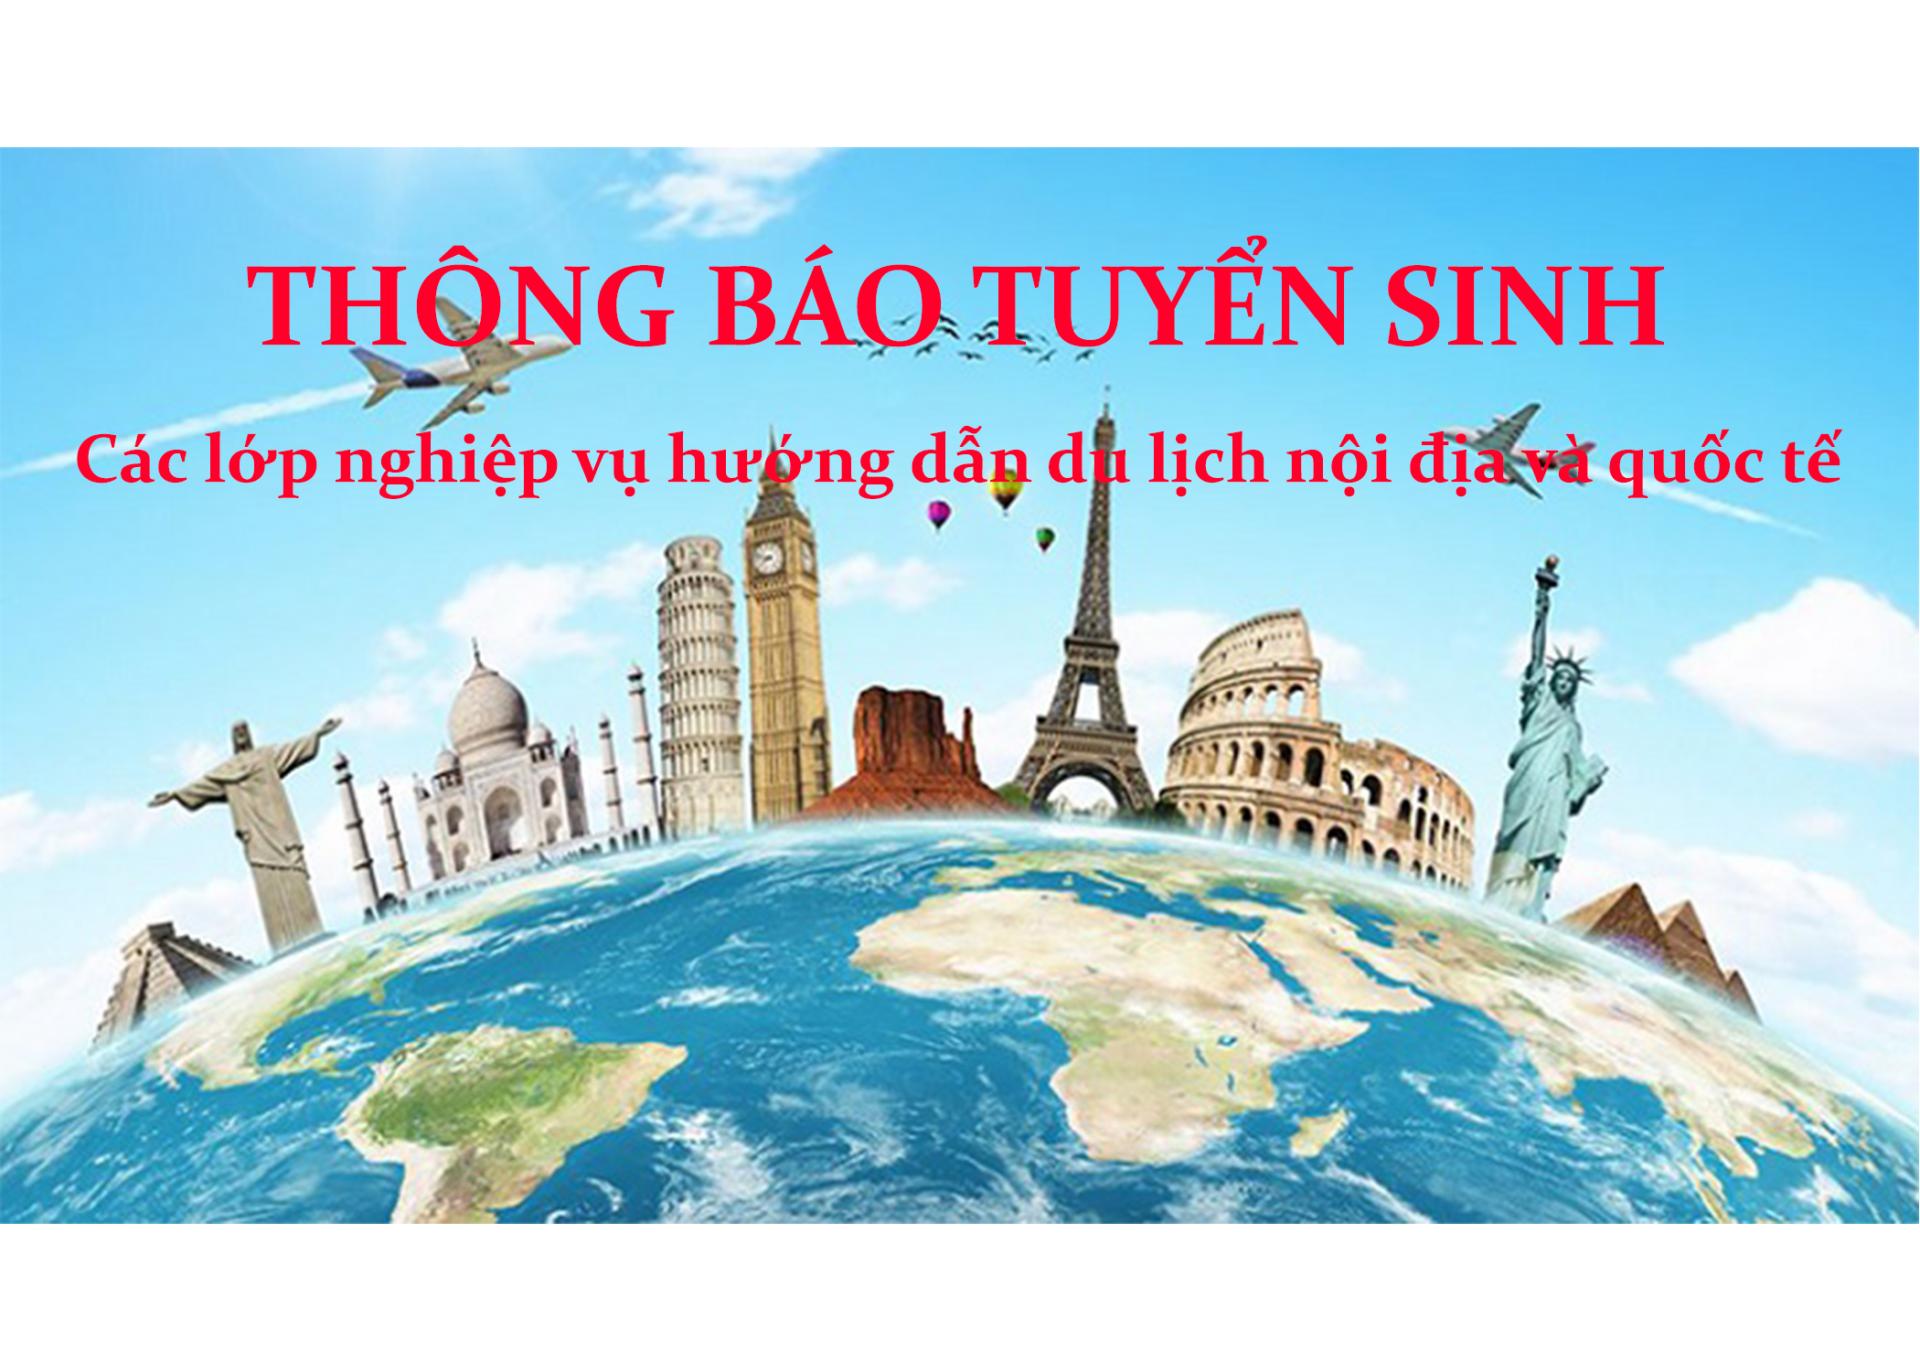 Trường Đại học Quang Trung thông báo tuyển sinh các lớp nghiệp vụ hướng dẫn du lịch nội địa và quốc tế